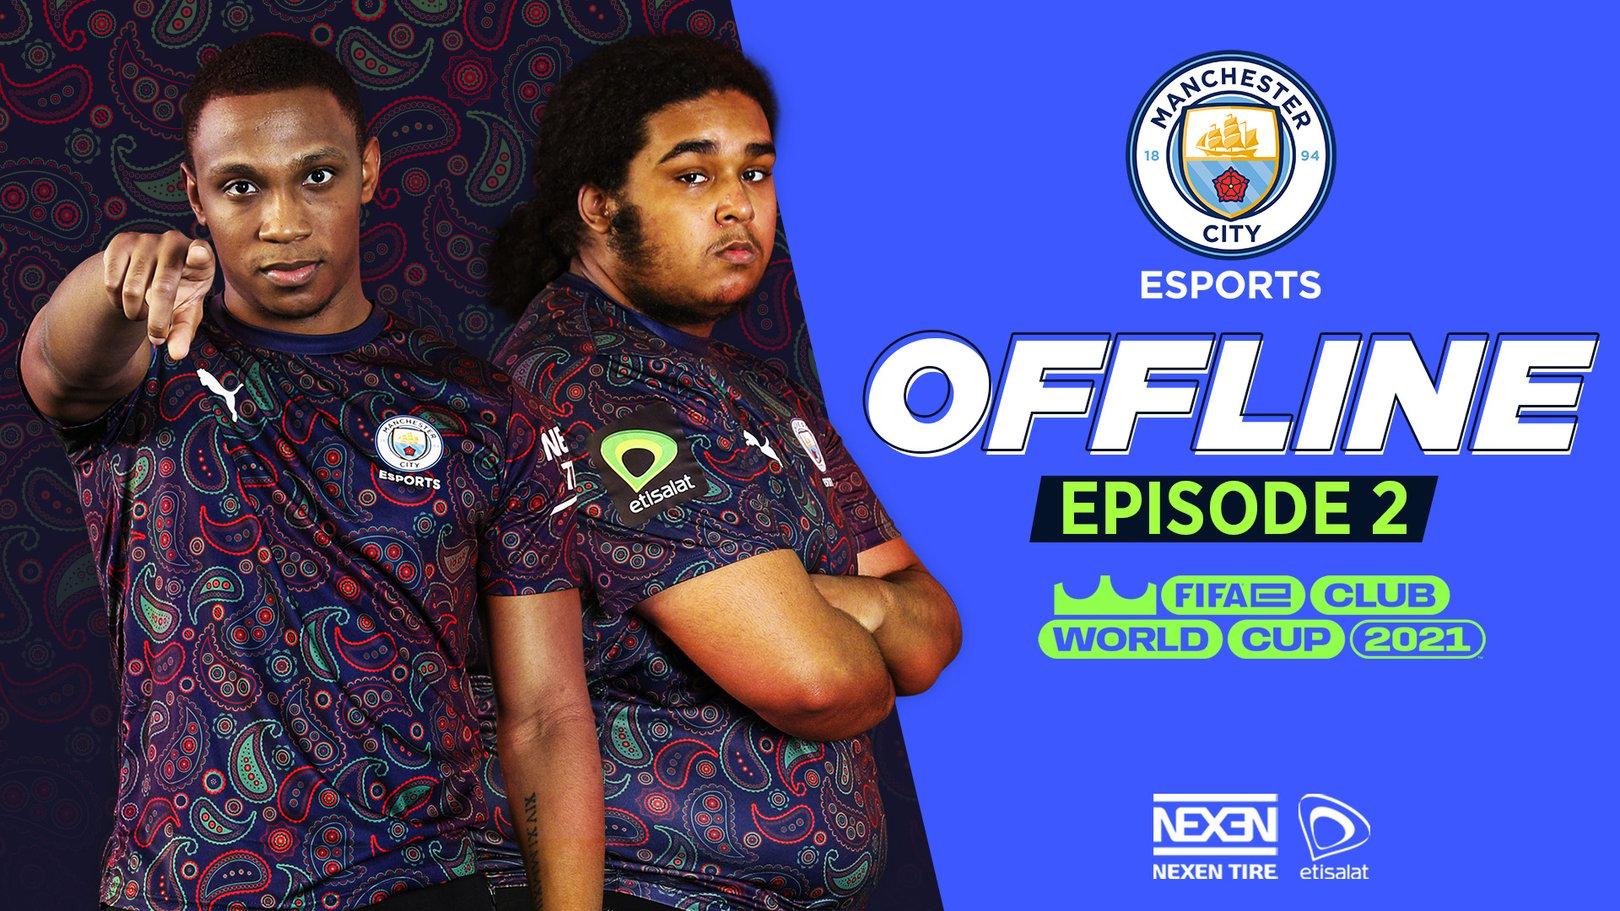 Offline: Episode 2 - FIFAe Club World Cup